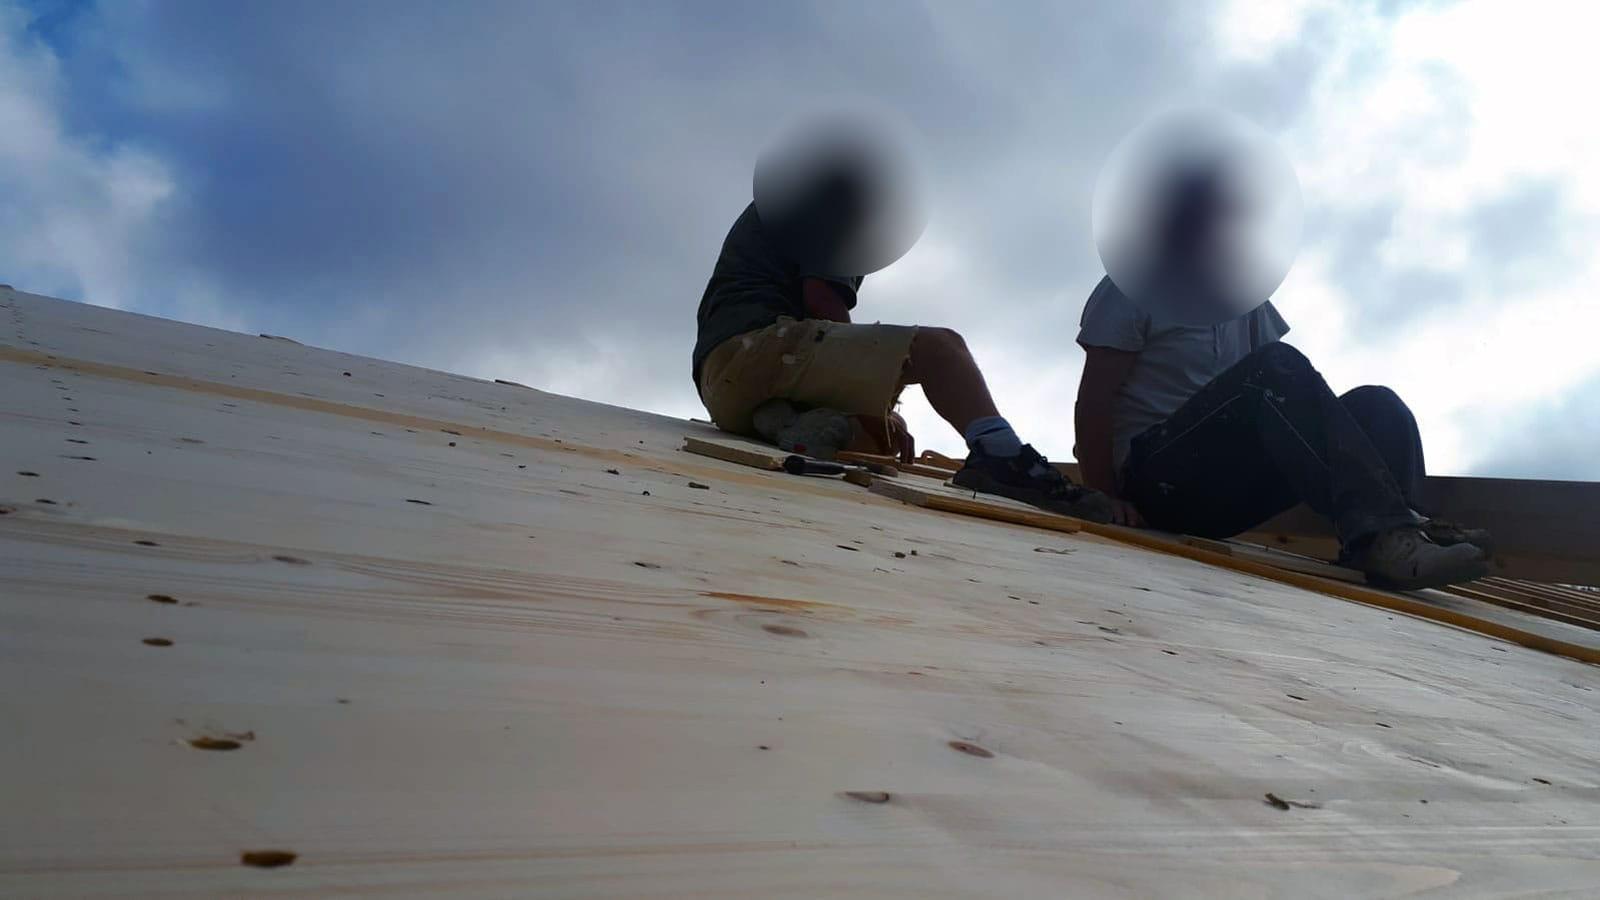 Días del 27 al 29 - Aspecto del trabajo desde el techo